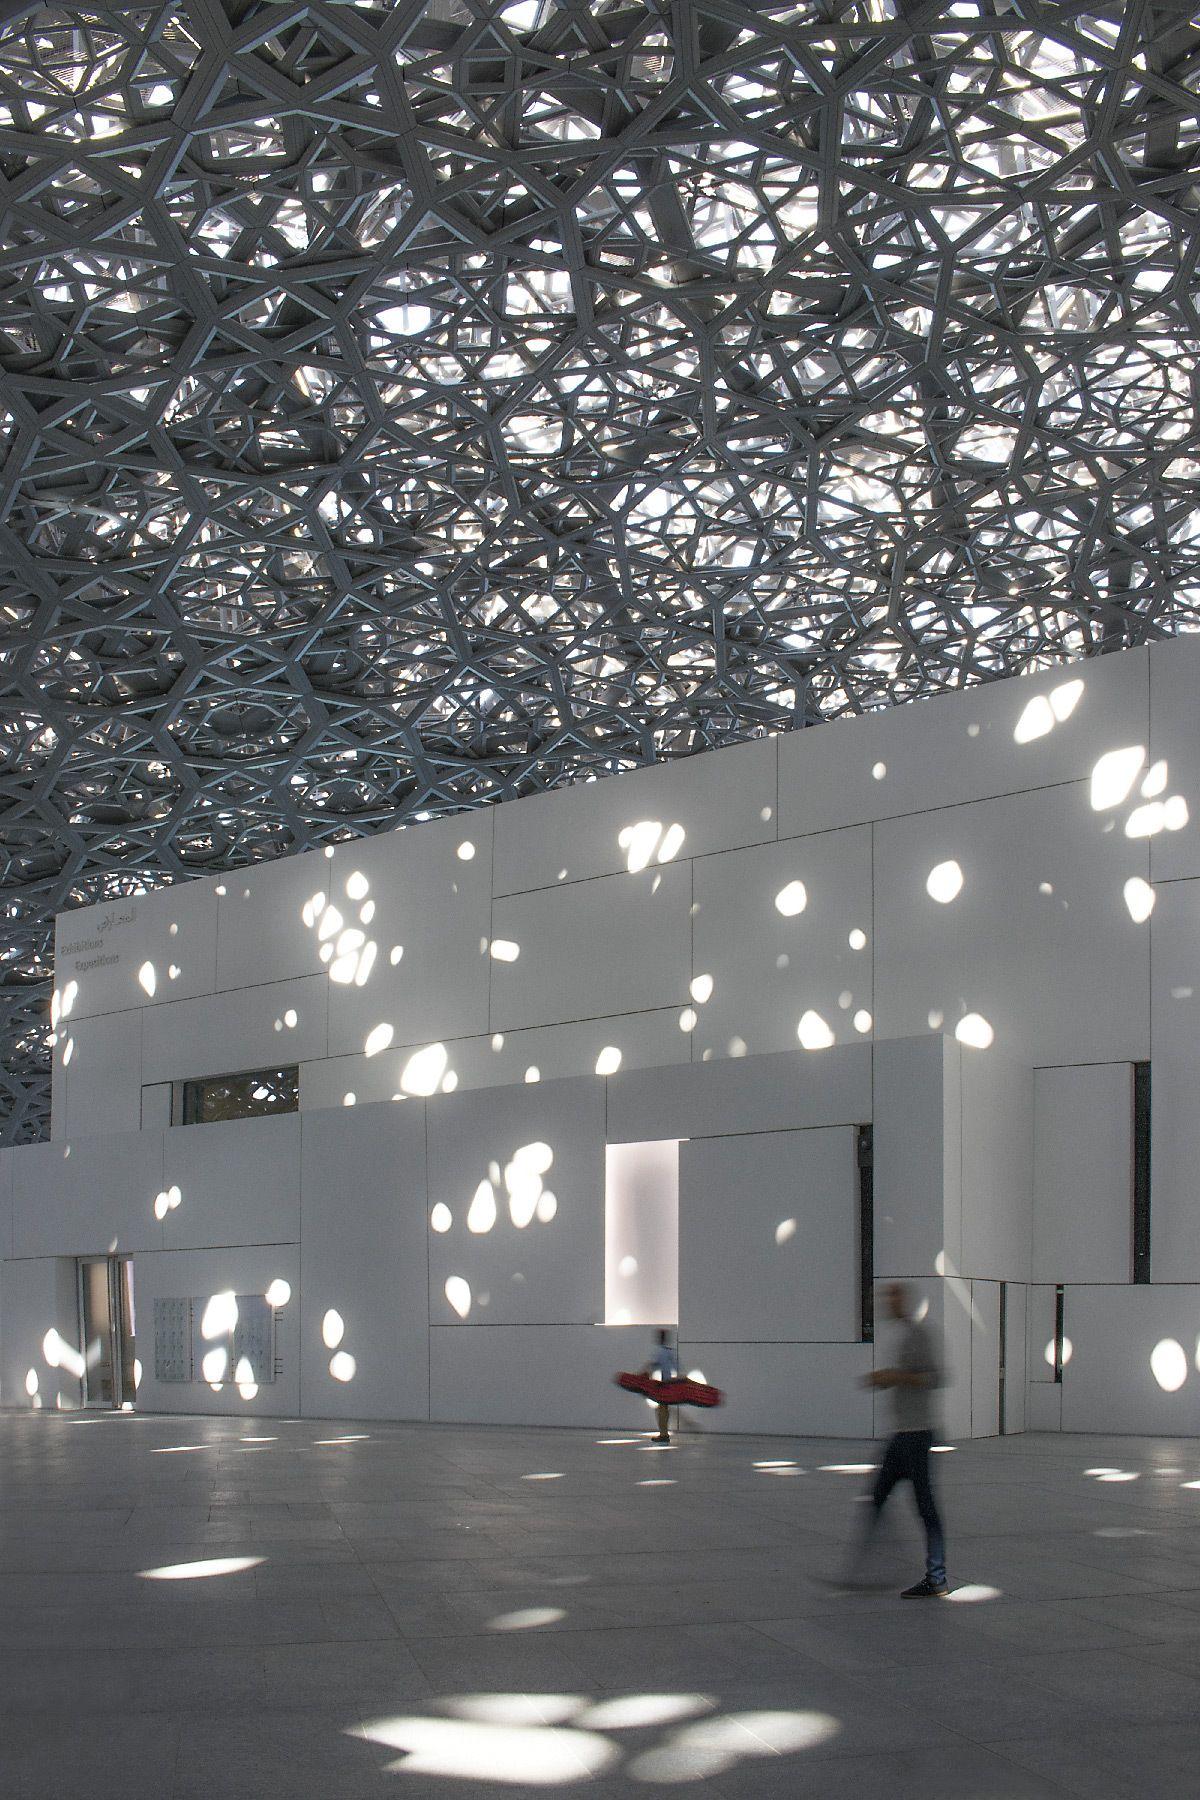 Agence de rencontres UAE datation radiométrique comment fonctionne-t-il